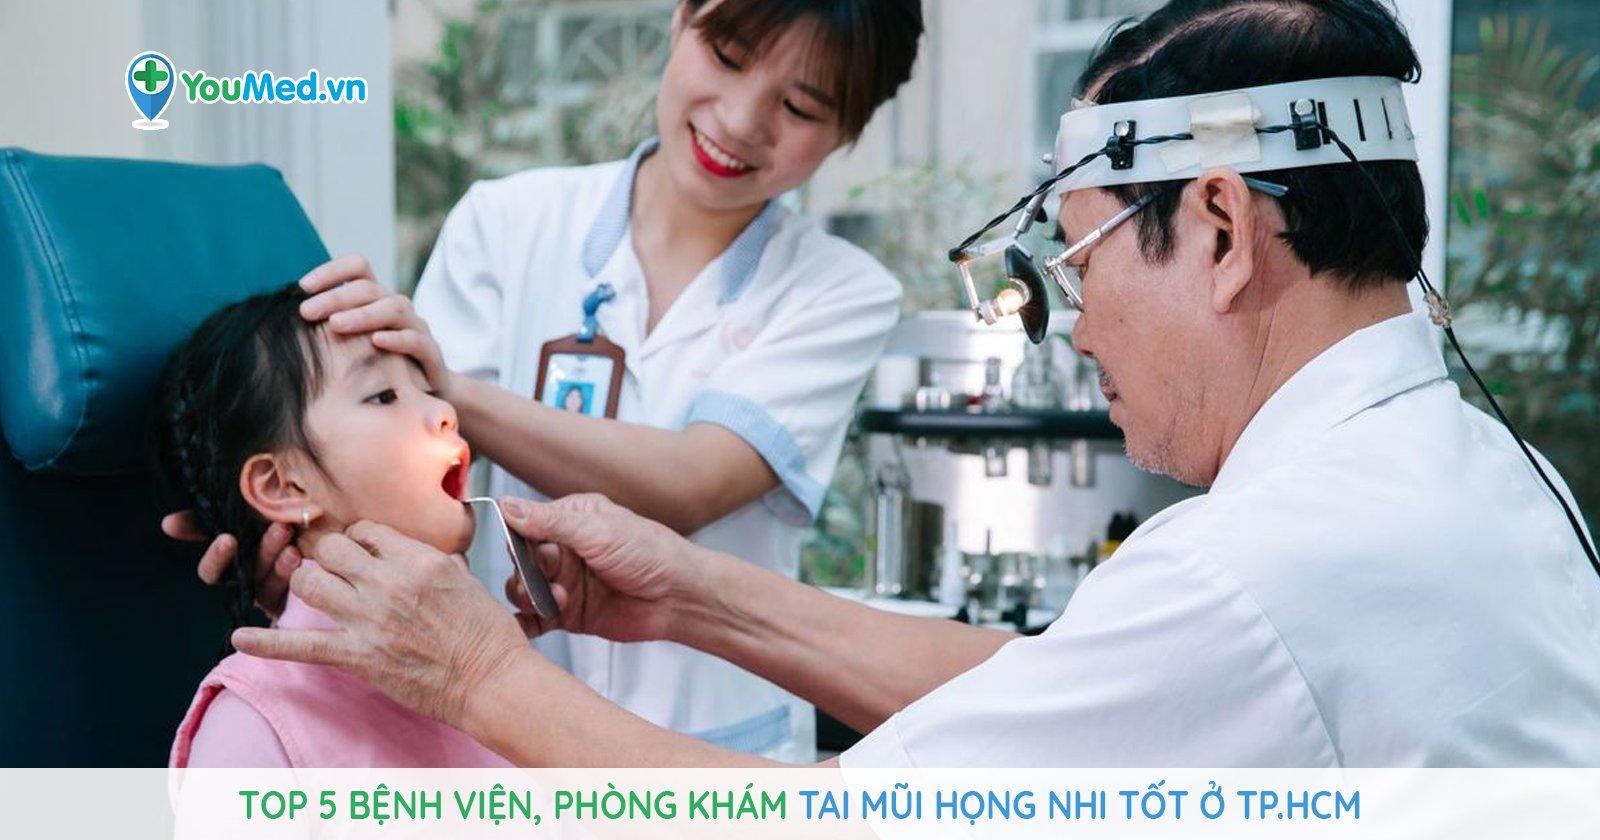 Top 5 bệnh viện, phòng khám Tai Mũi Họng Nhi tốt ở TPHCM